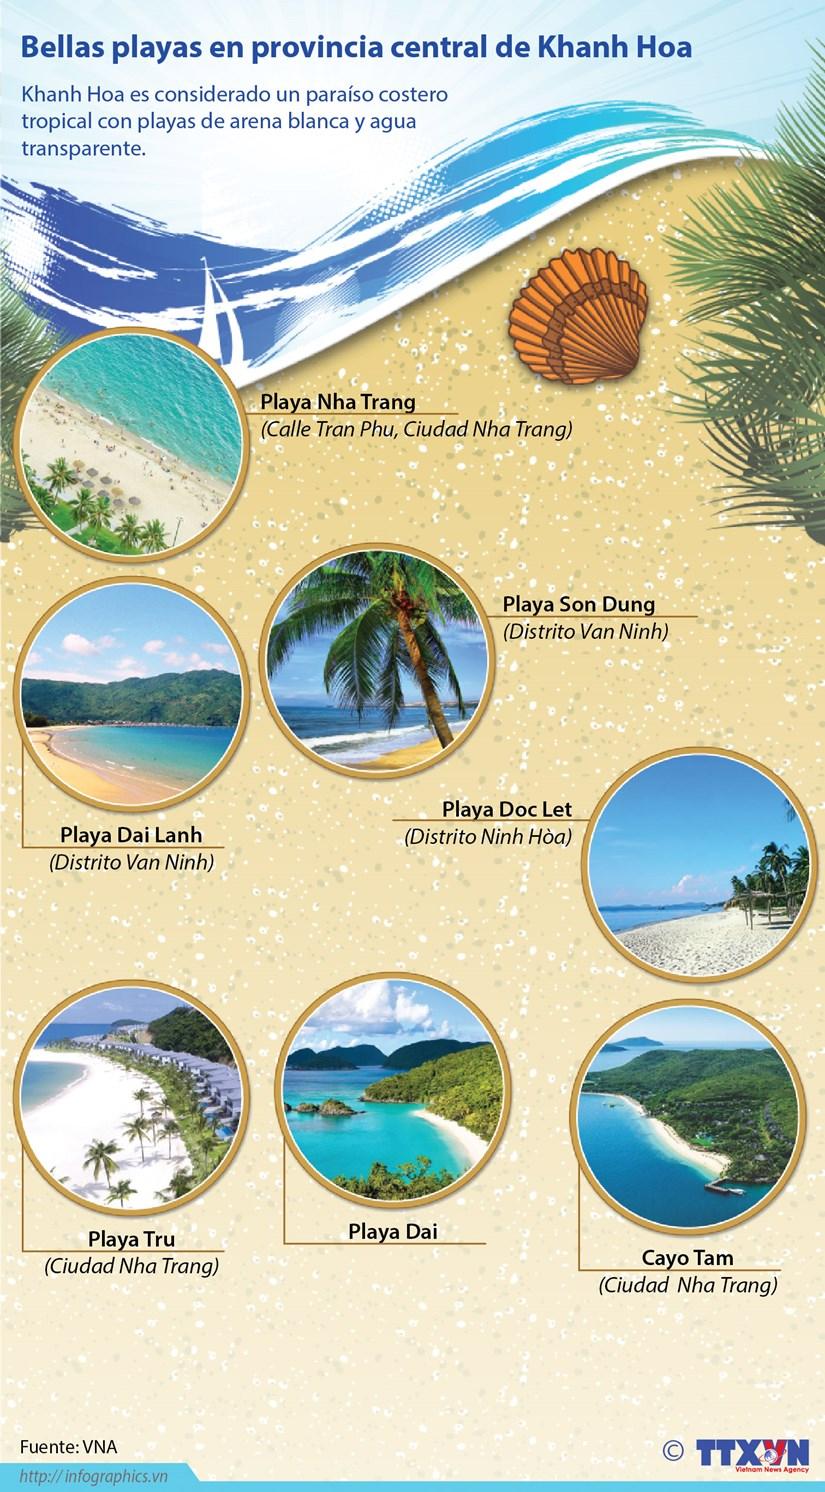 [Info] Bellas playas en provincia central de Khanh Hoa hinh anh 1